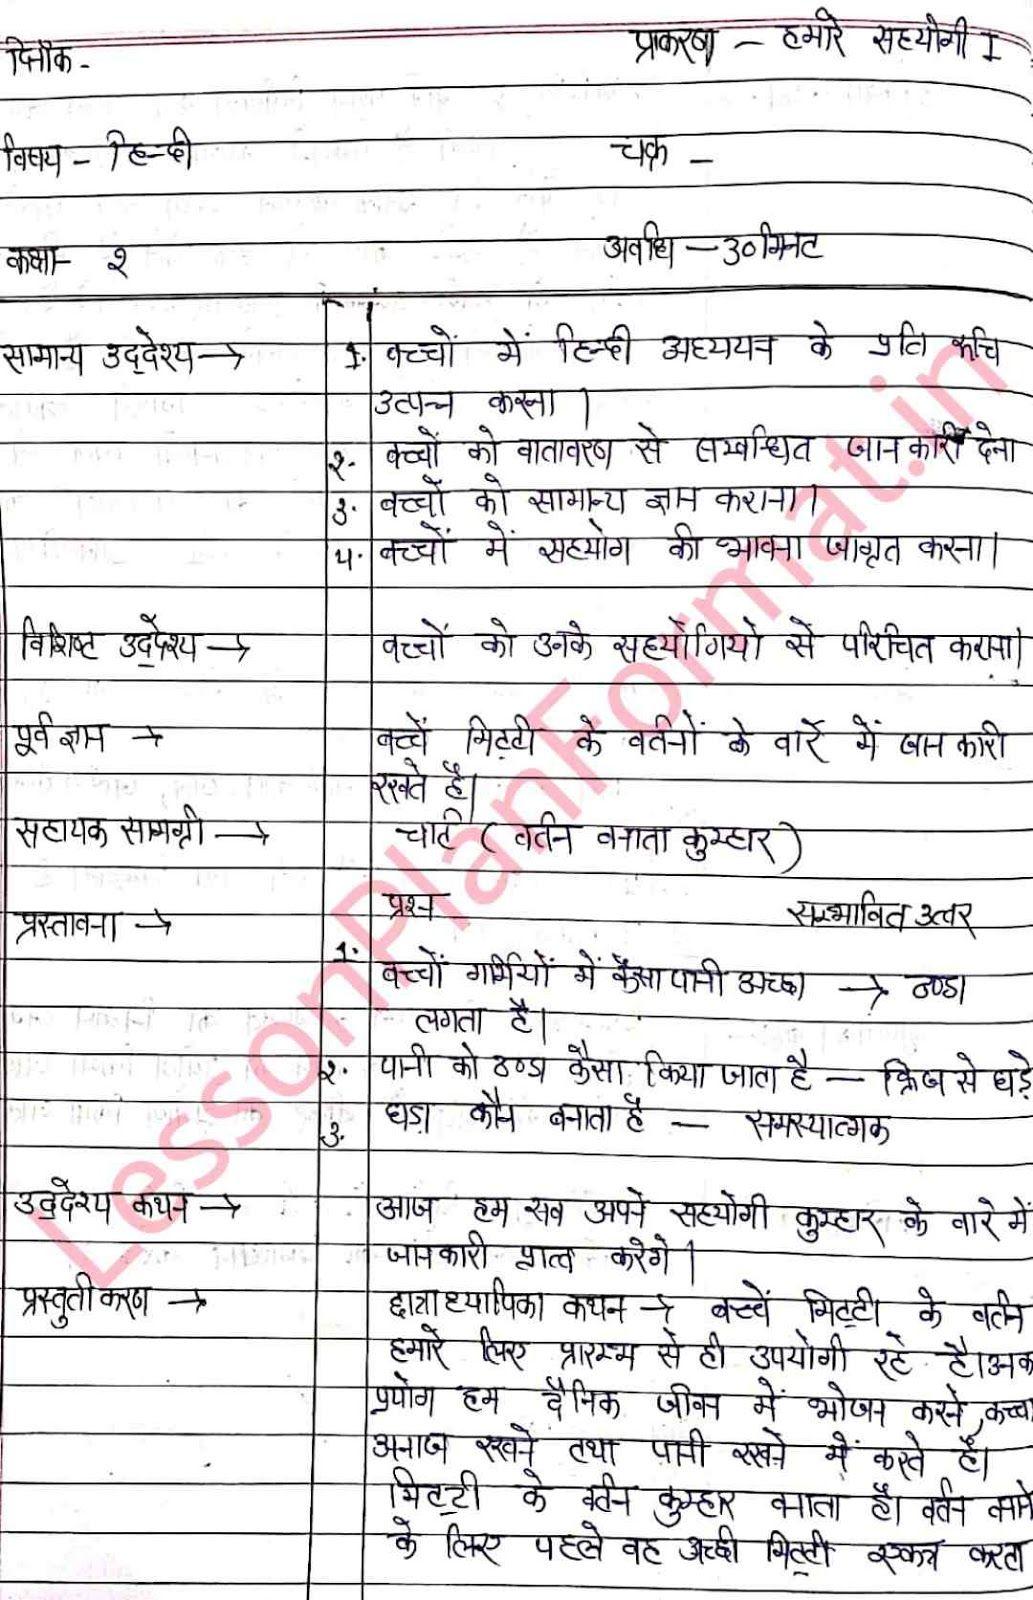 Hindi Lesson Plan Class 2 B Ed D El Ed Lesson Plan In Hindi Lesson Plan Pdf Teacher Lesson Plans [ 1600 x 1033 Pixel ]